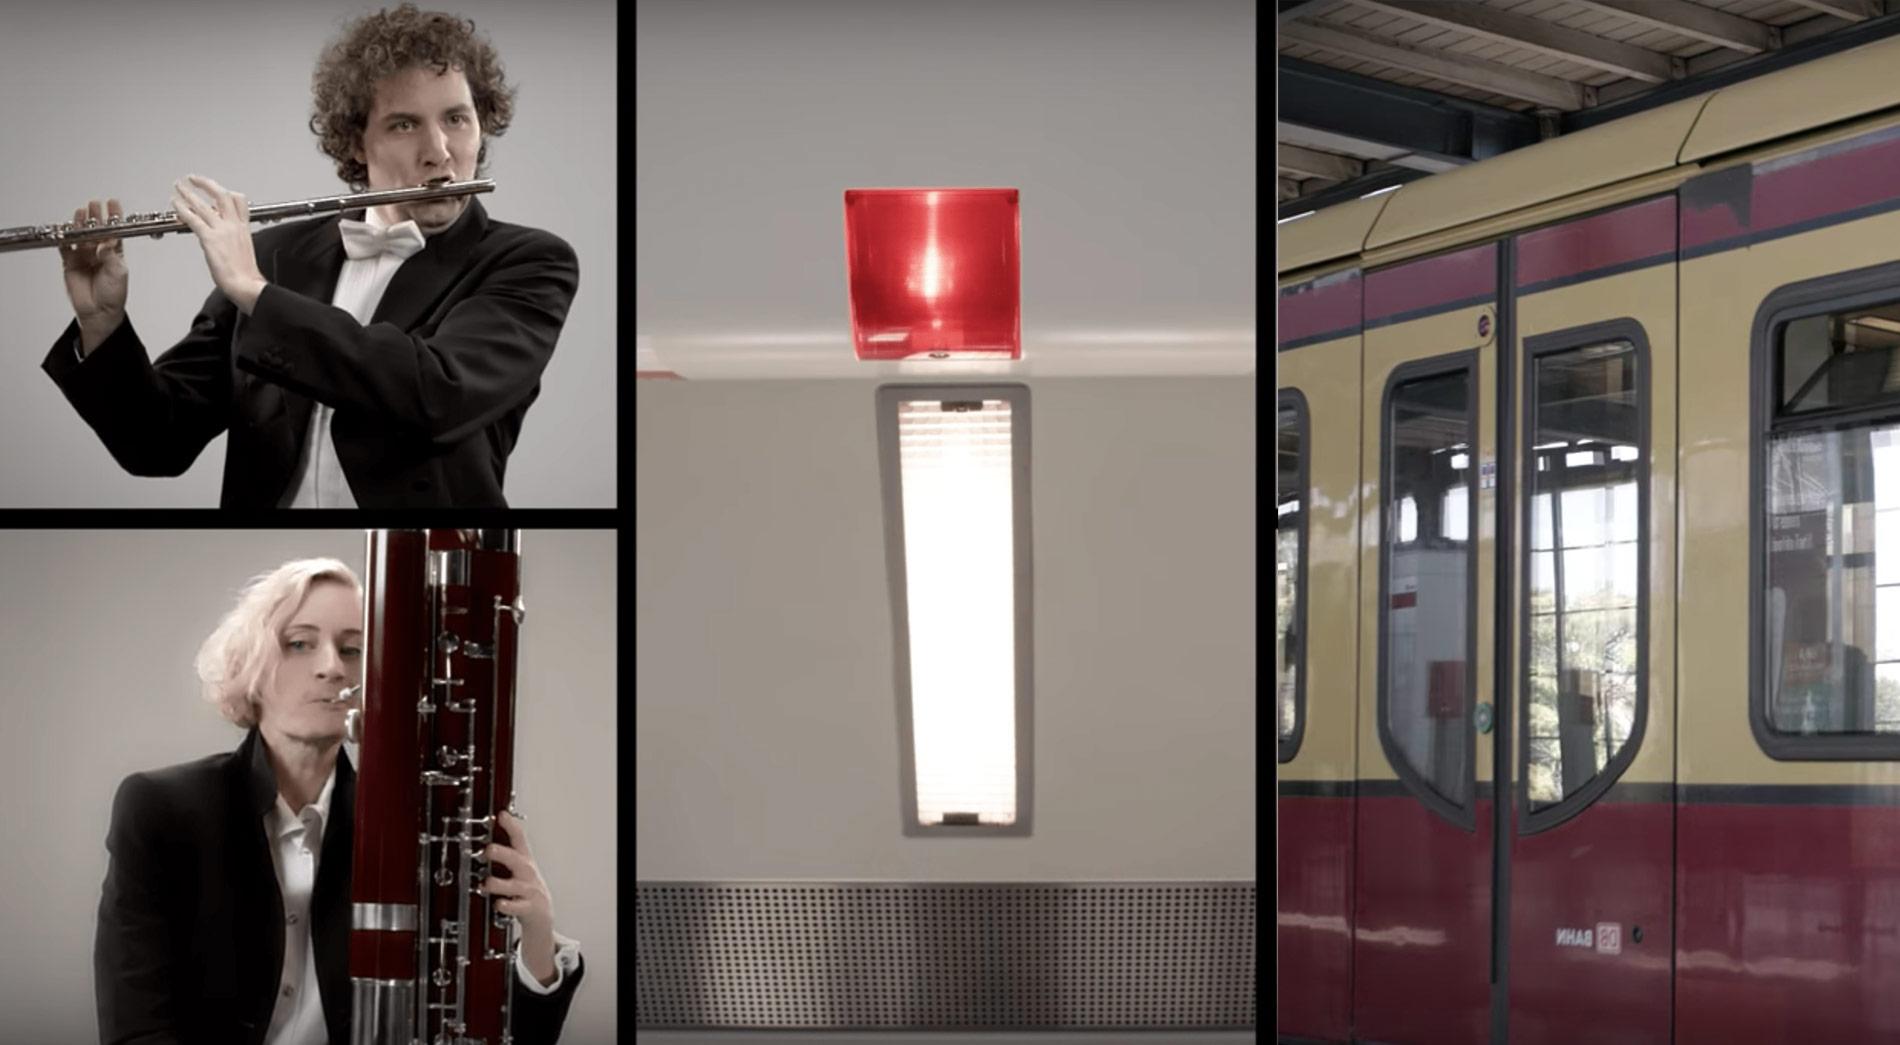 Die Typischen Gerusche Der Berliner S Und U Bahn Von Klassik Musikern Vertont